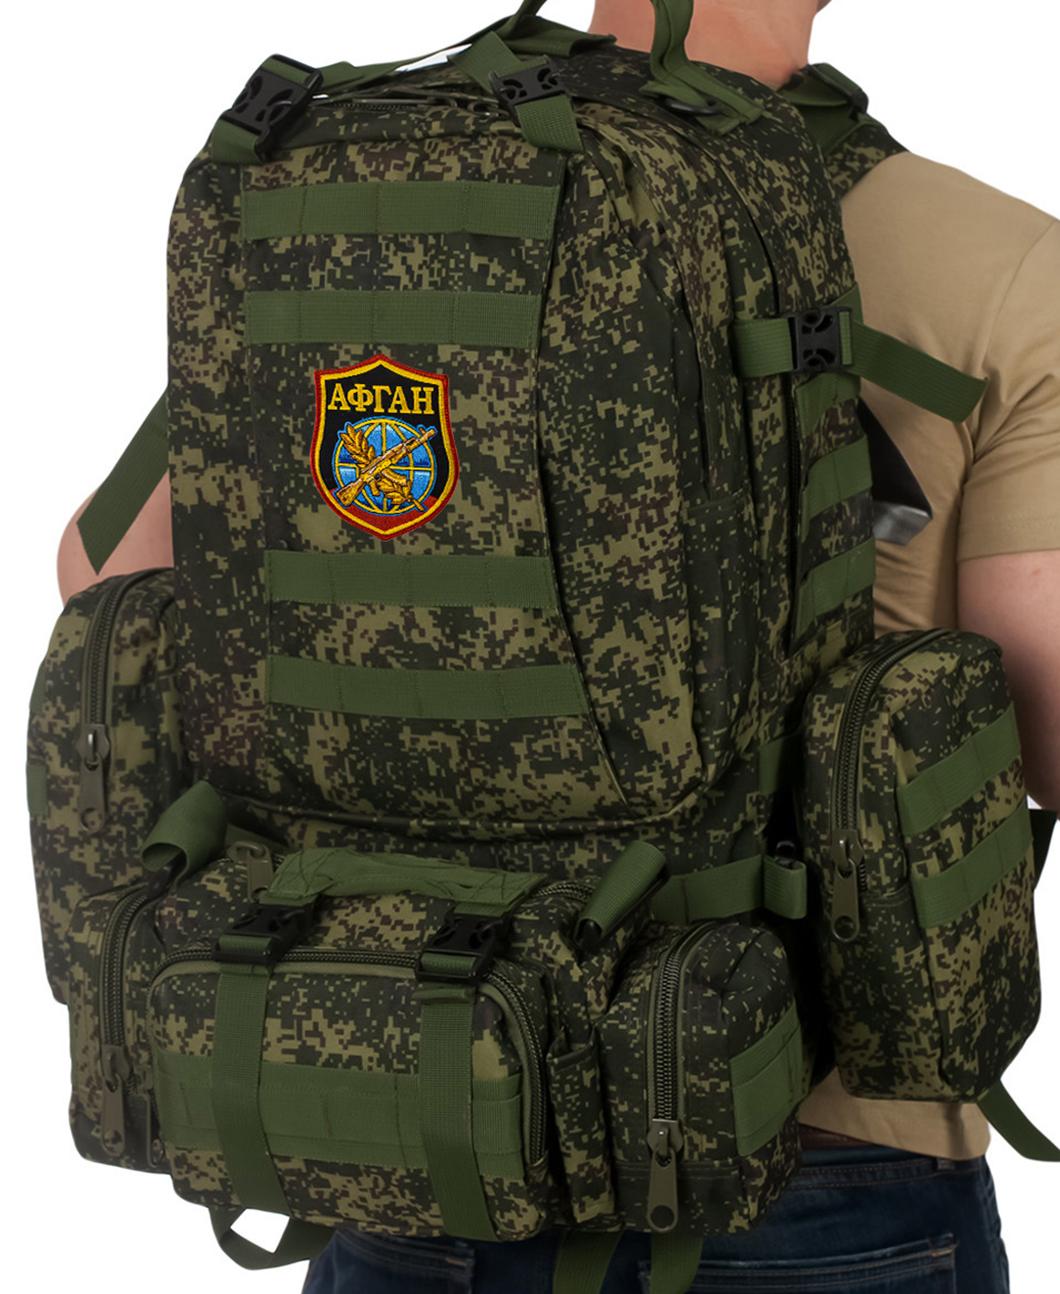 Армейский рейдовый рюкзак с нашивкой Афган - заказать выгодно